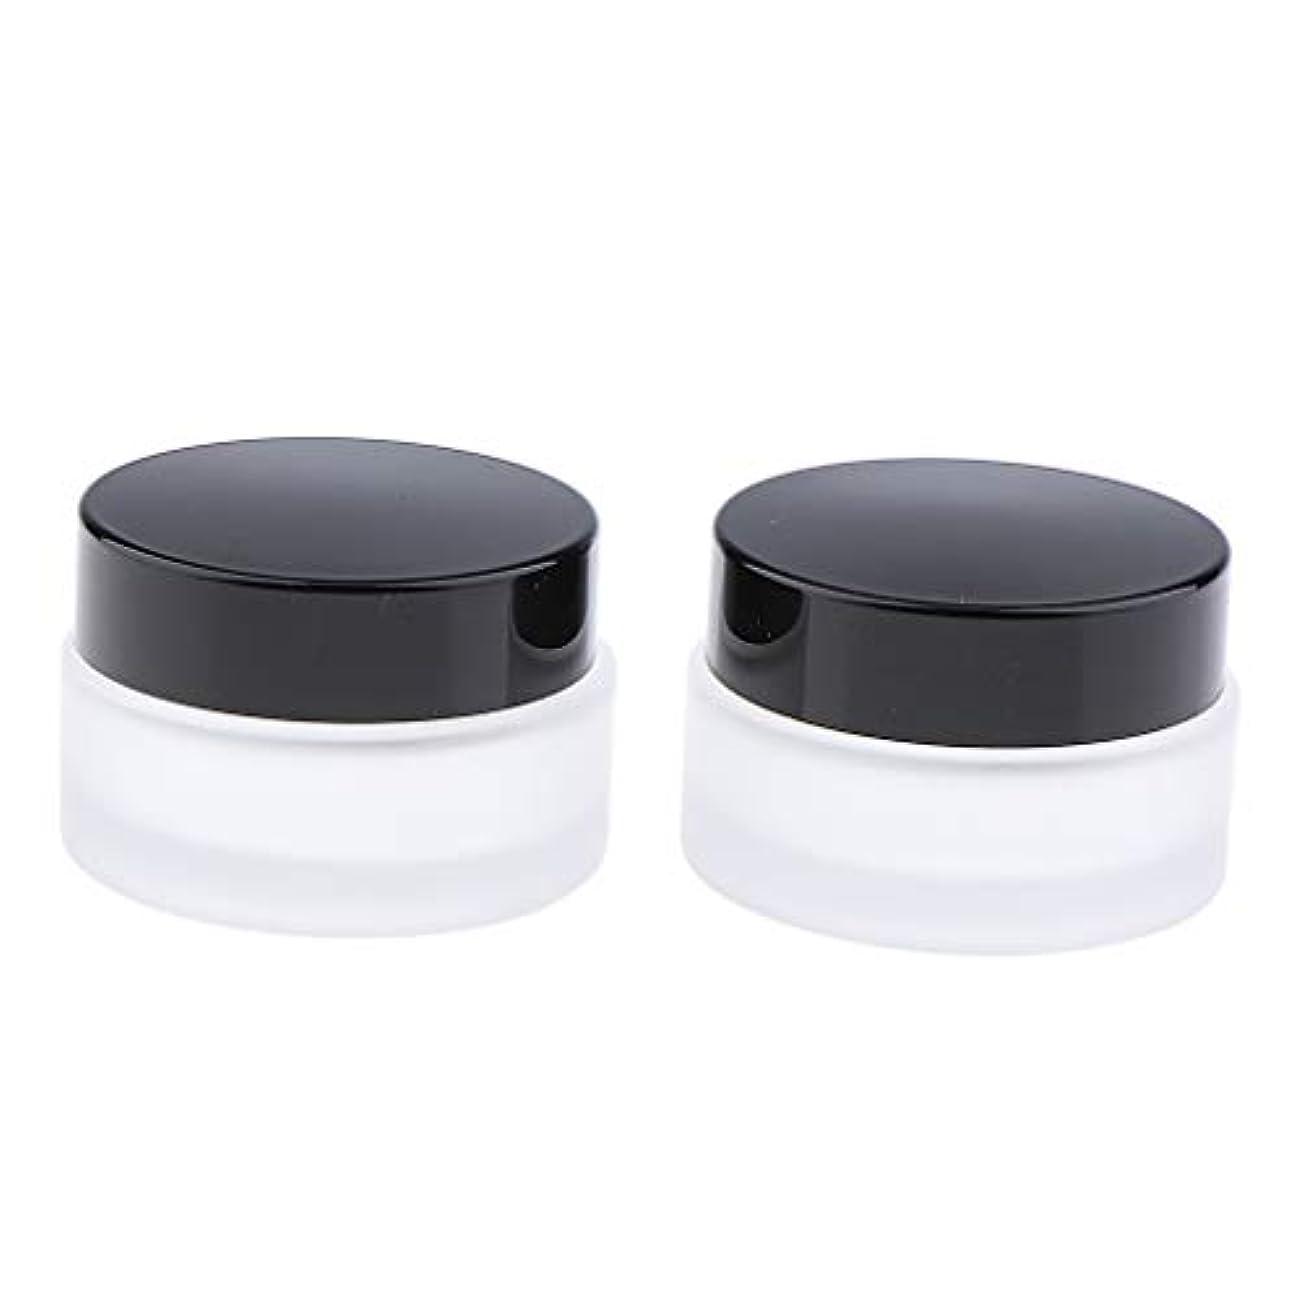 防止流行可動クリーム 容器 ジャー ガラス ボトル 詰替え容器 ローション コンテナ 4サイズ選べ - 30g